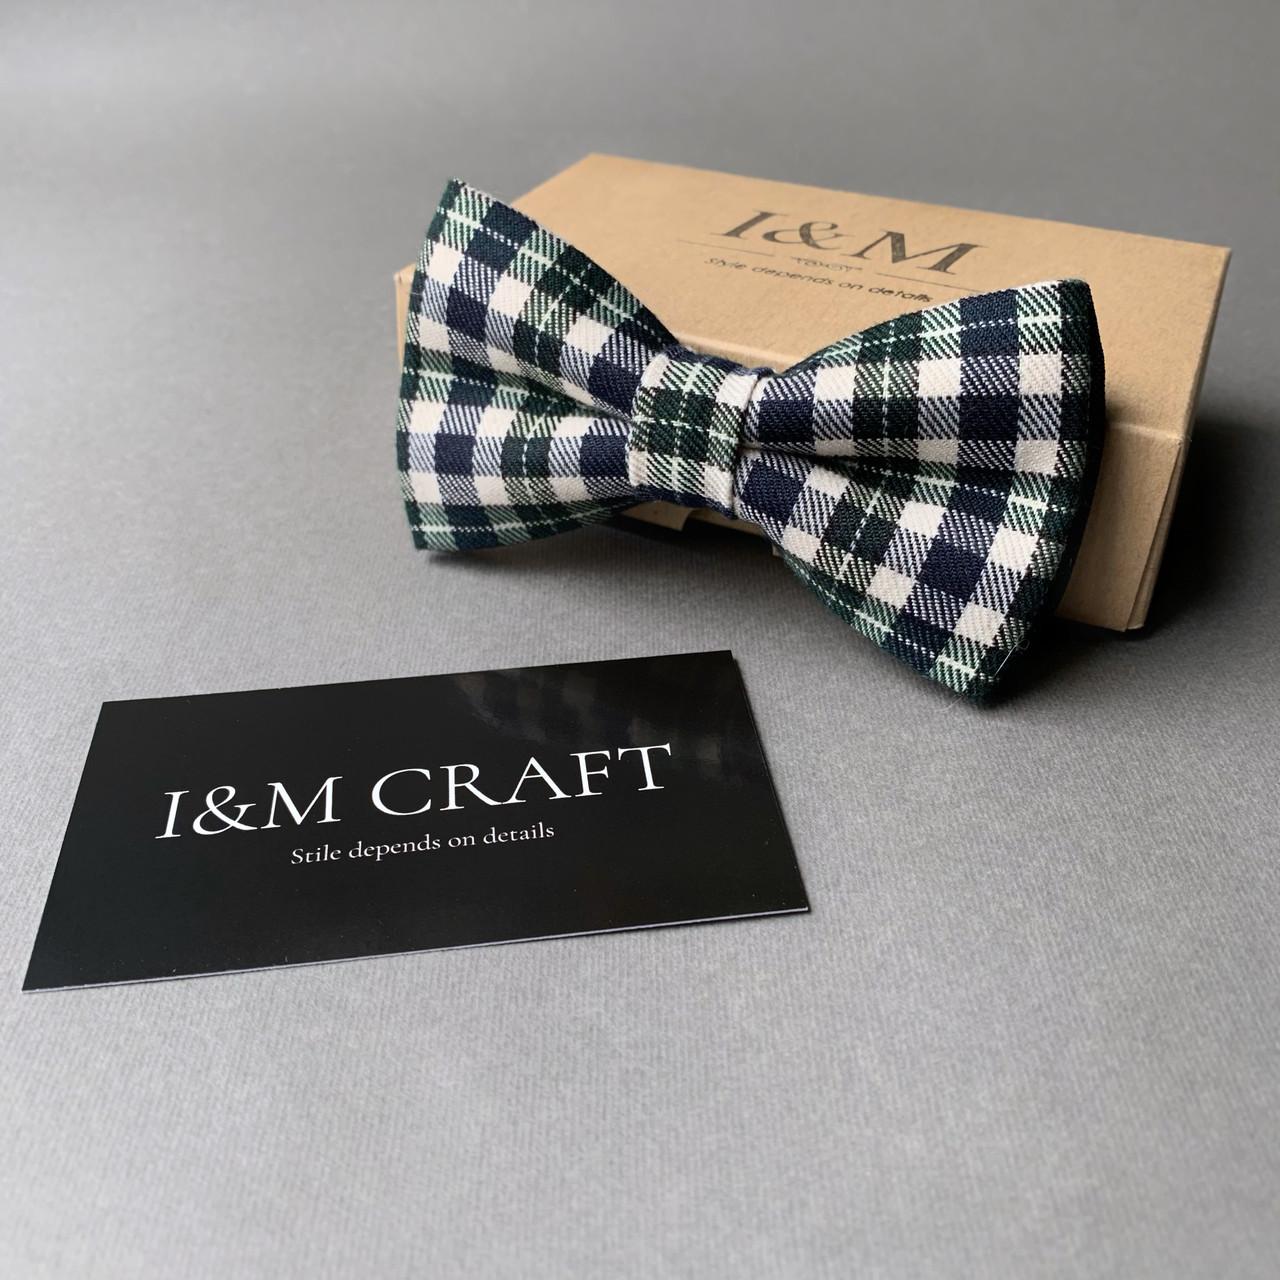 Краватка-метелик I&M Craft в темно-зелену клітку (010409)